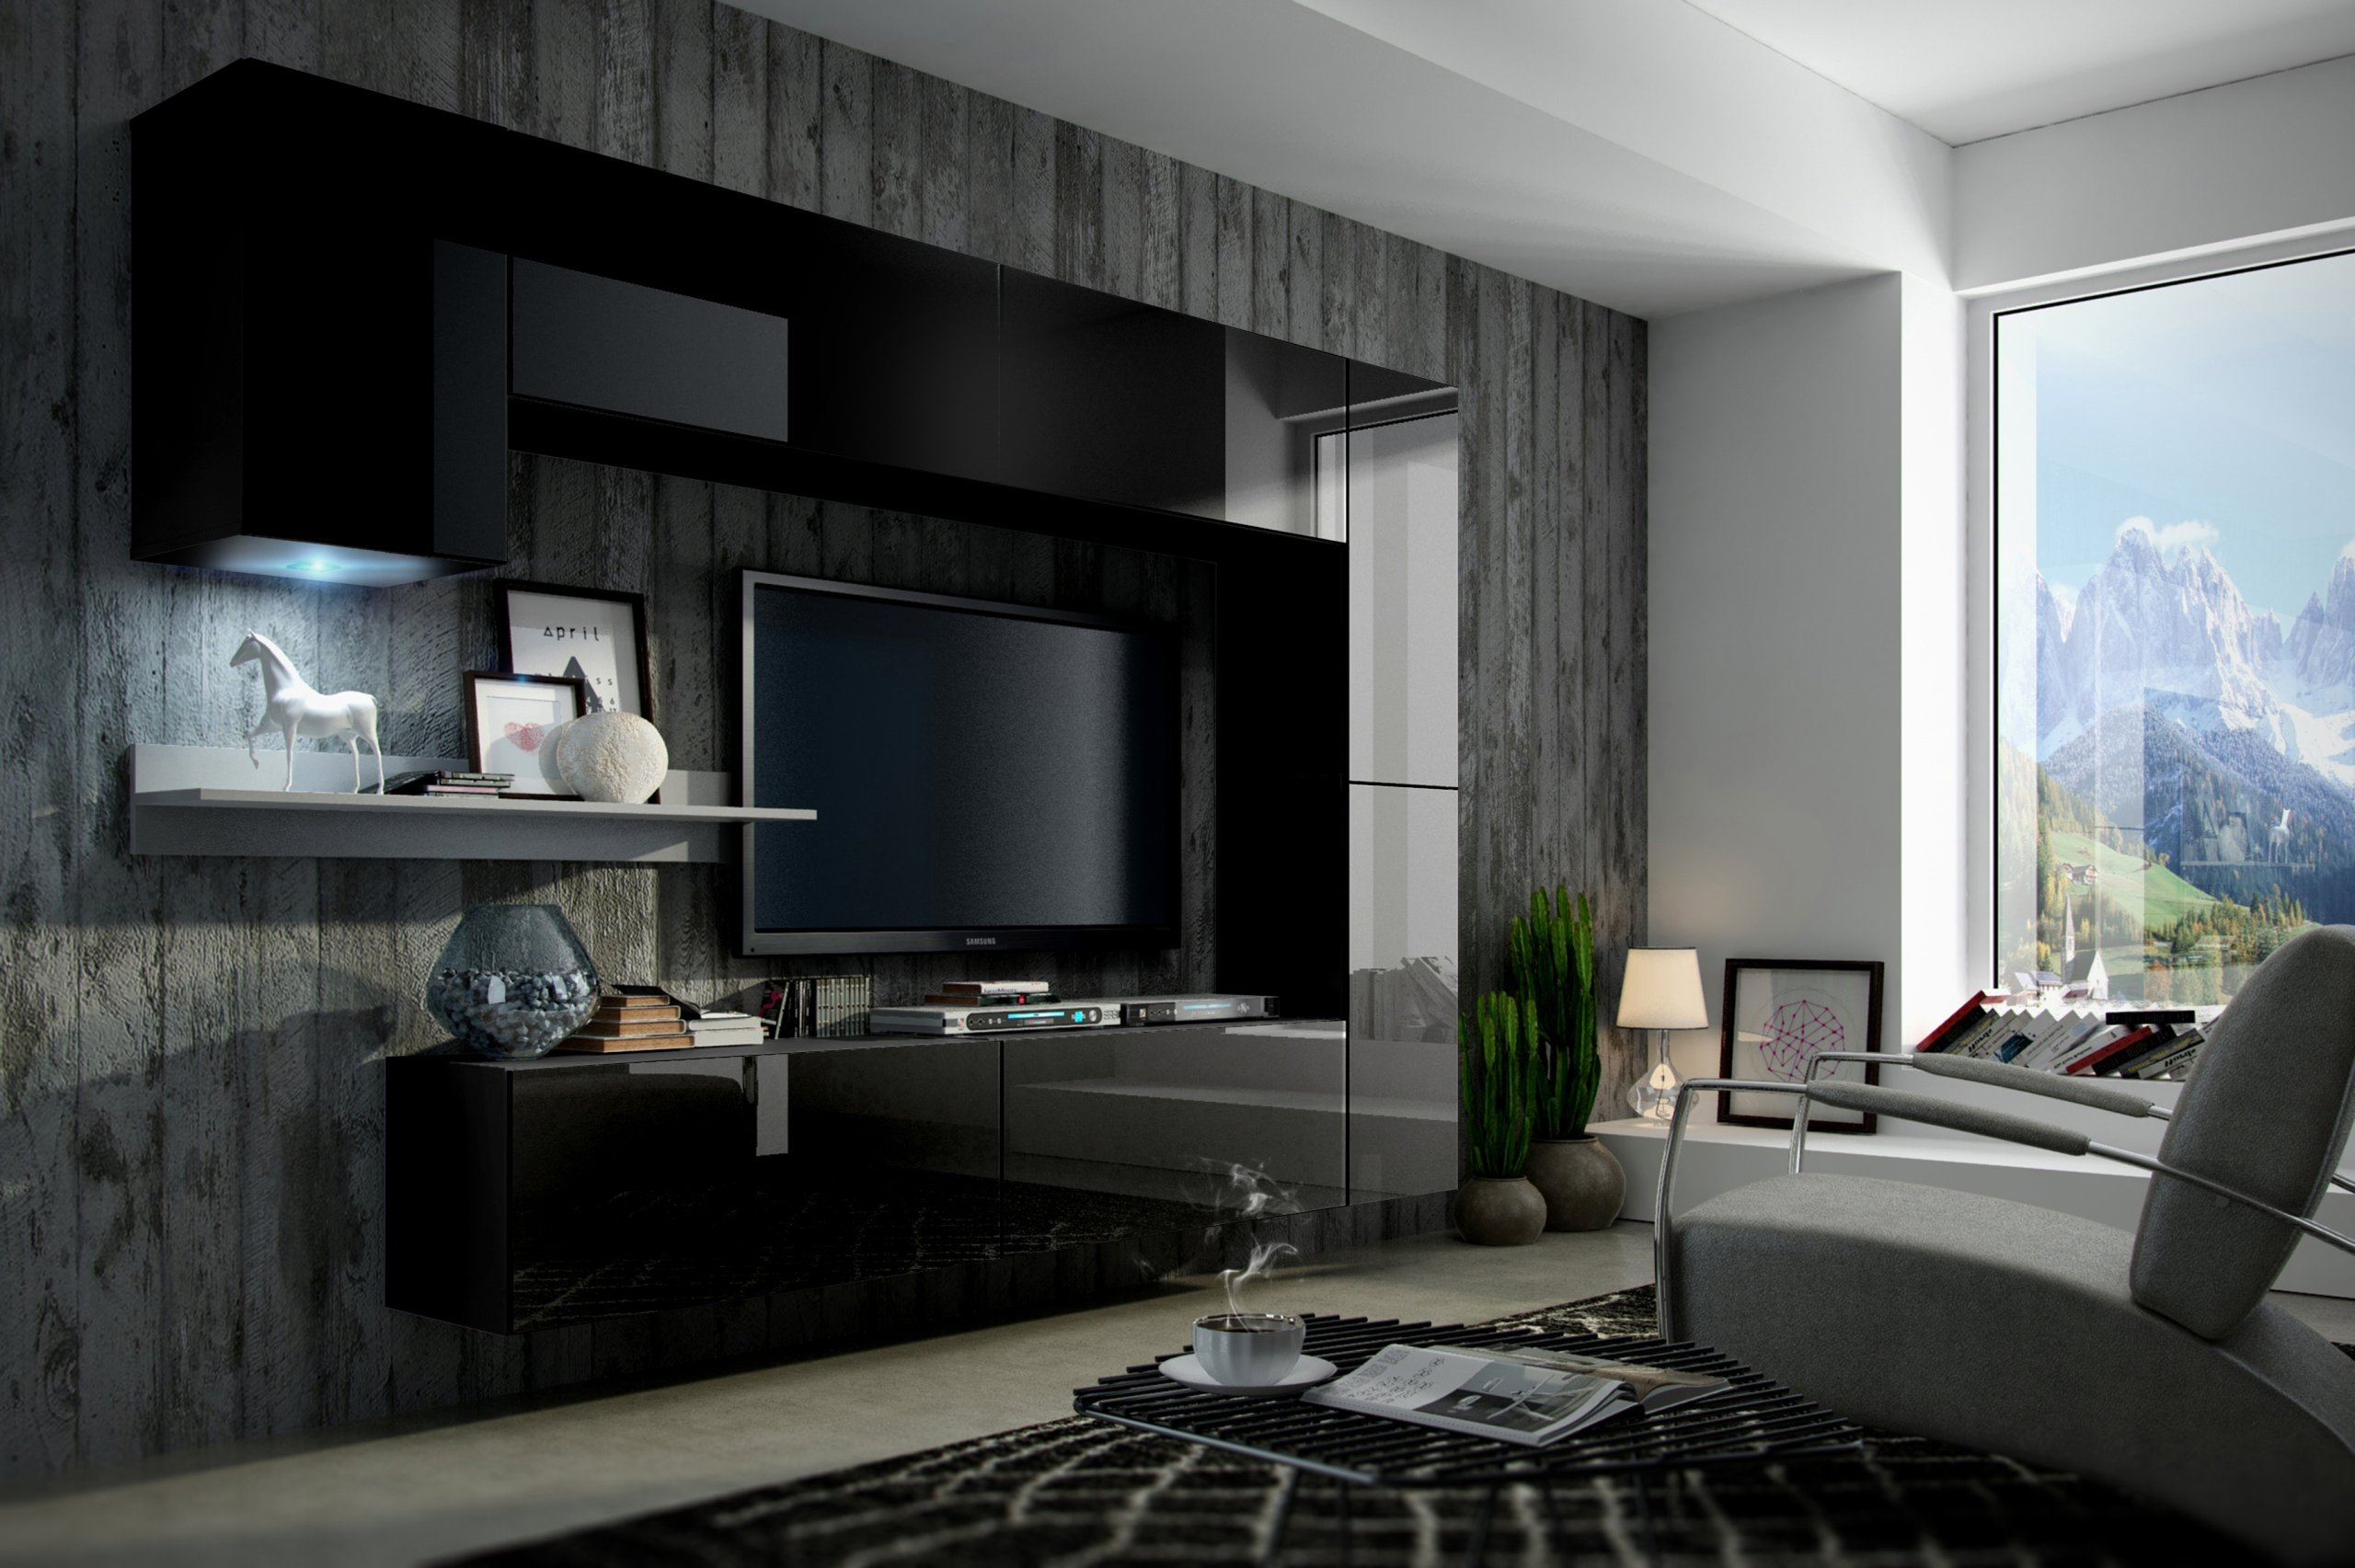 нетрезвом виде мебель для большой комнаты в квартире фото того, карте было